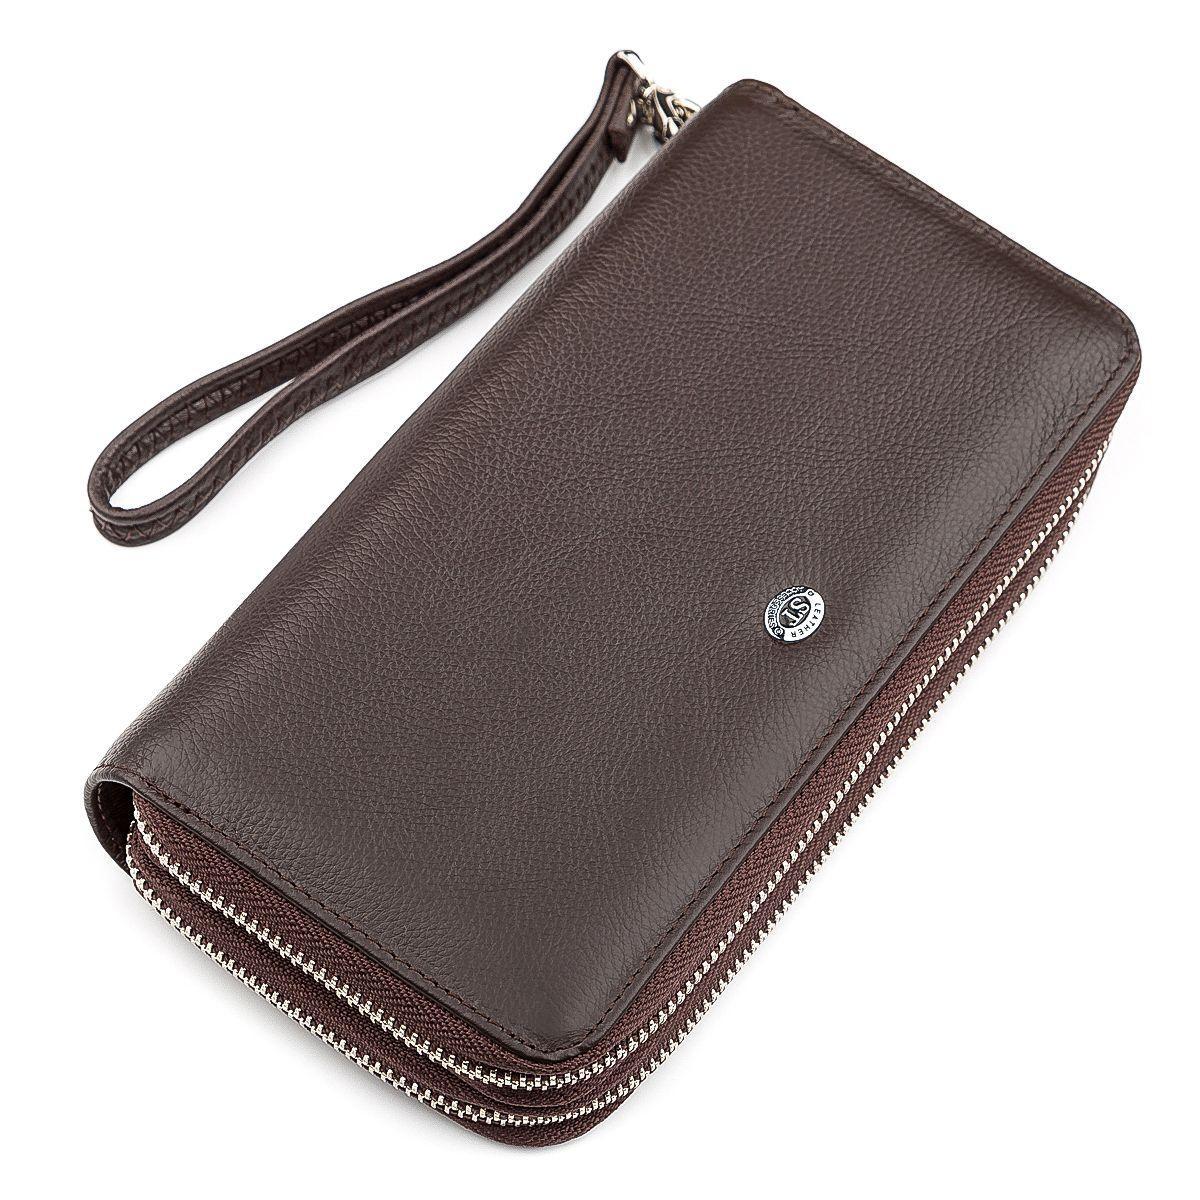 Мужской кошелек ST Leather 18450 (ST127) две молнии Коричневый